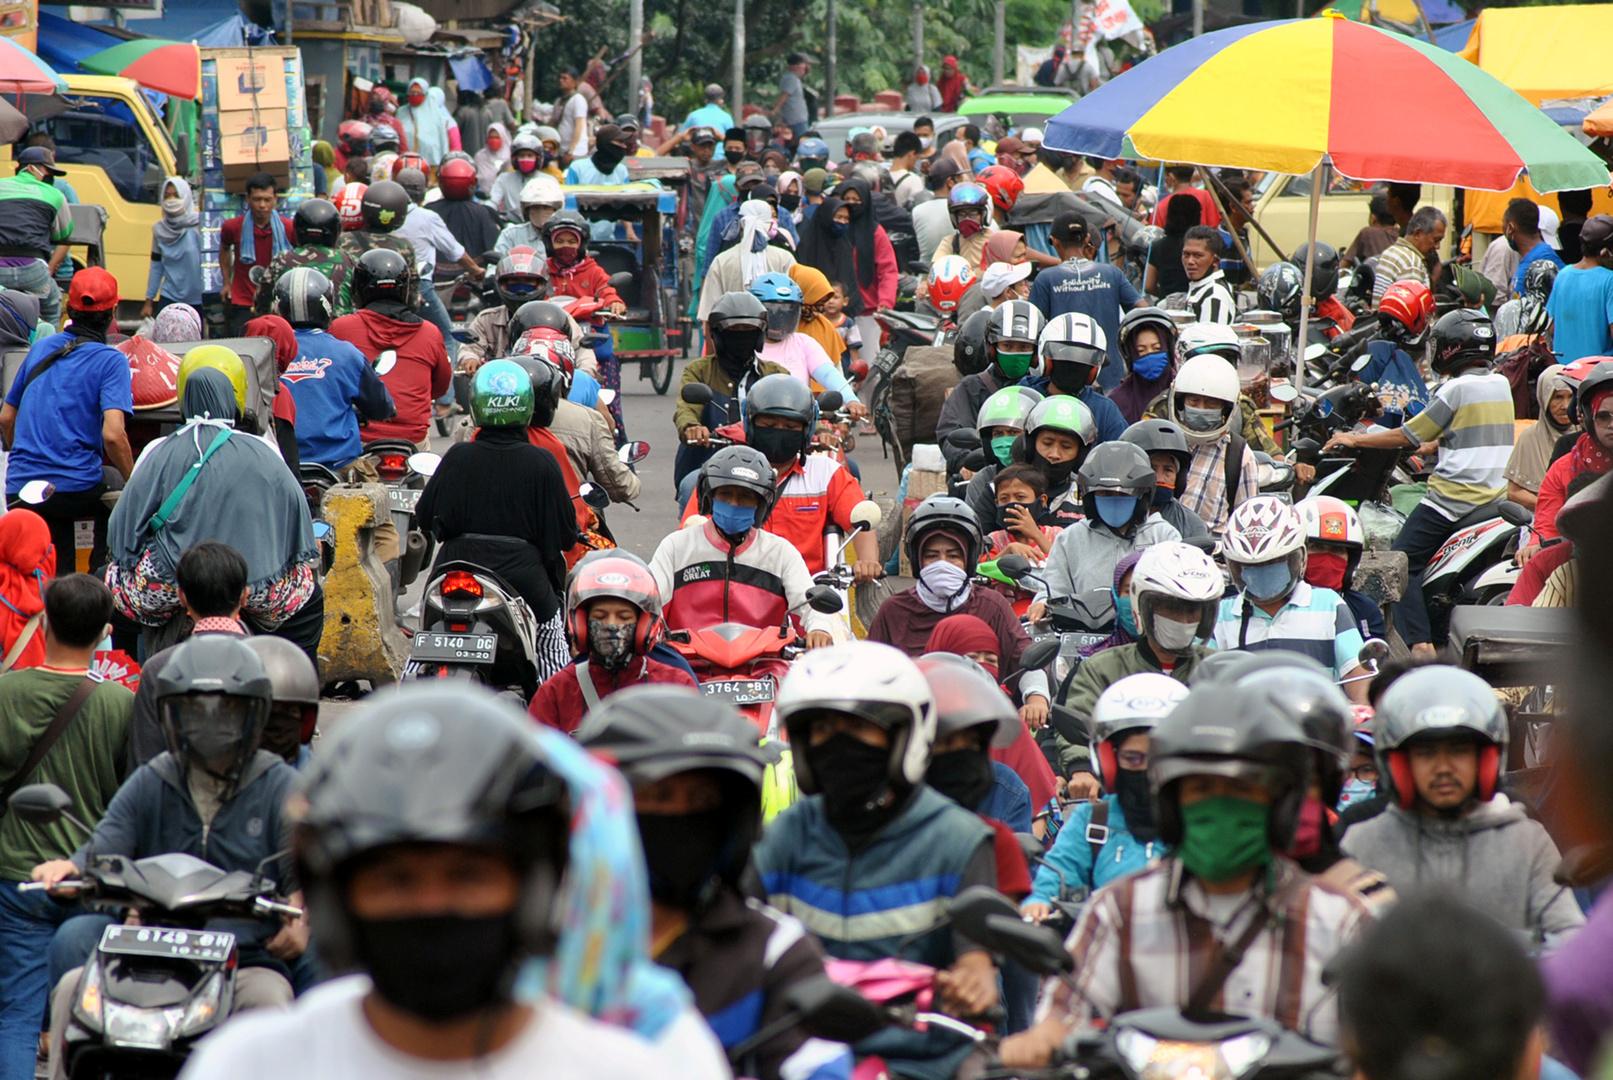 إندونيسيا تسجل أكثر من 18 ألف إصابة بكورونا